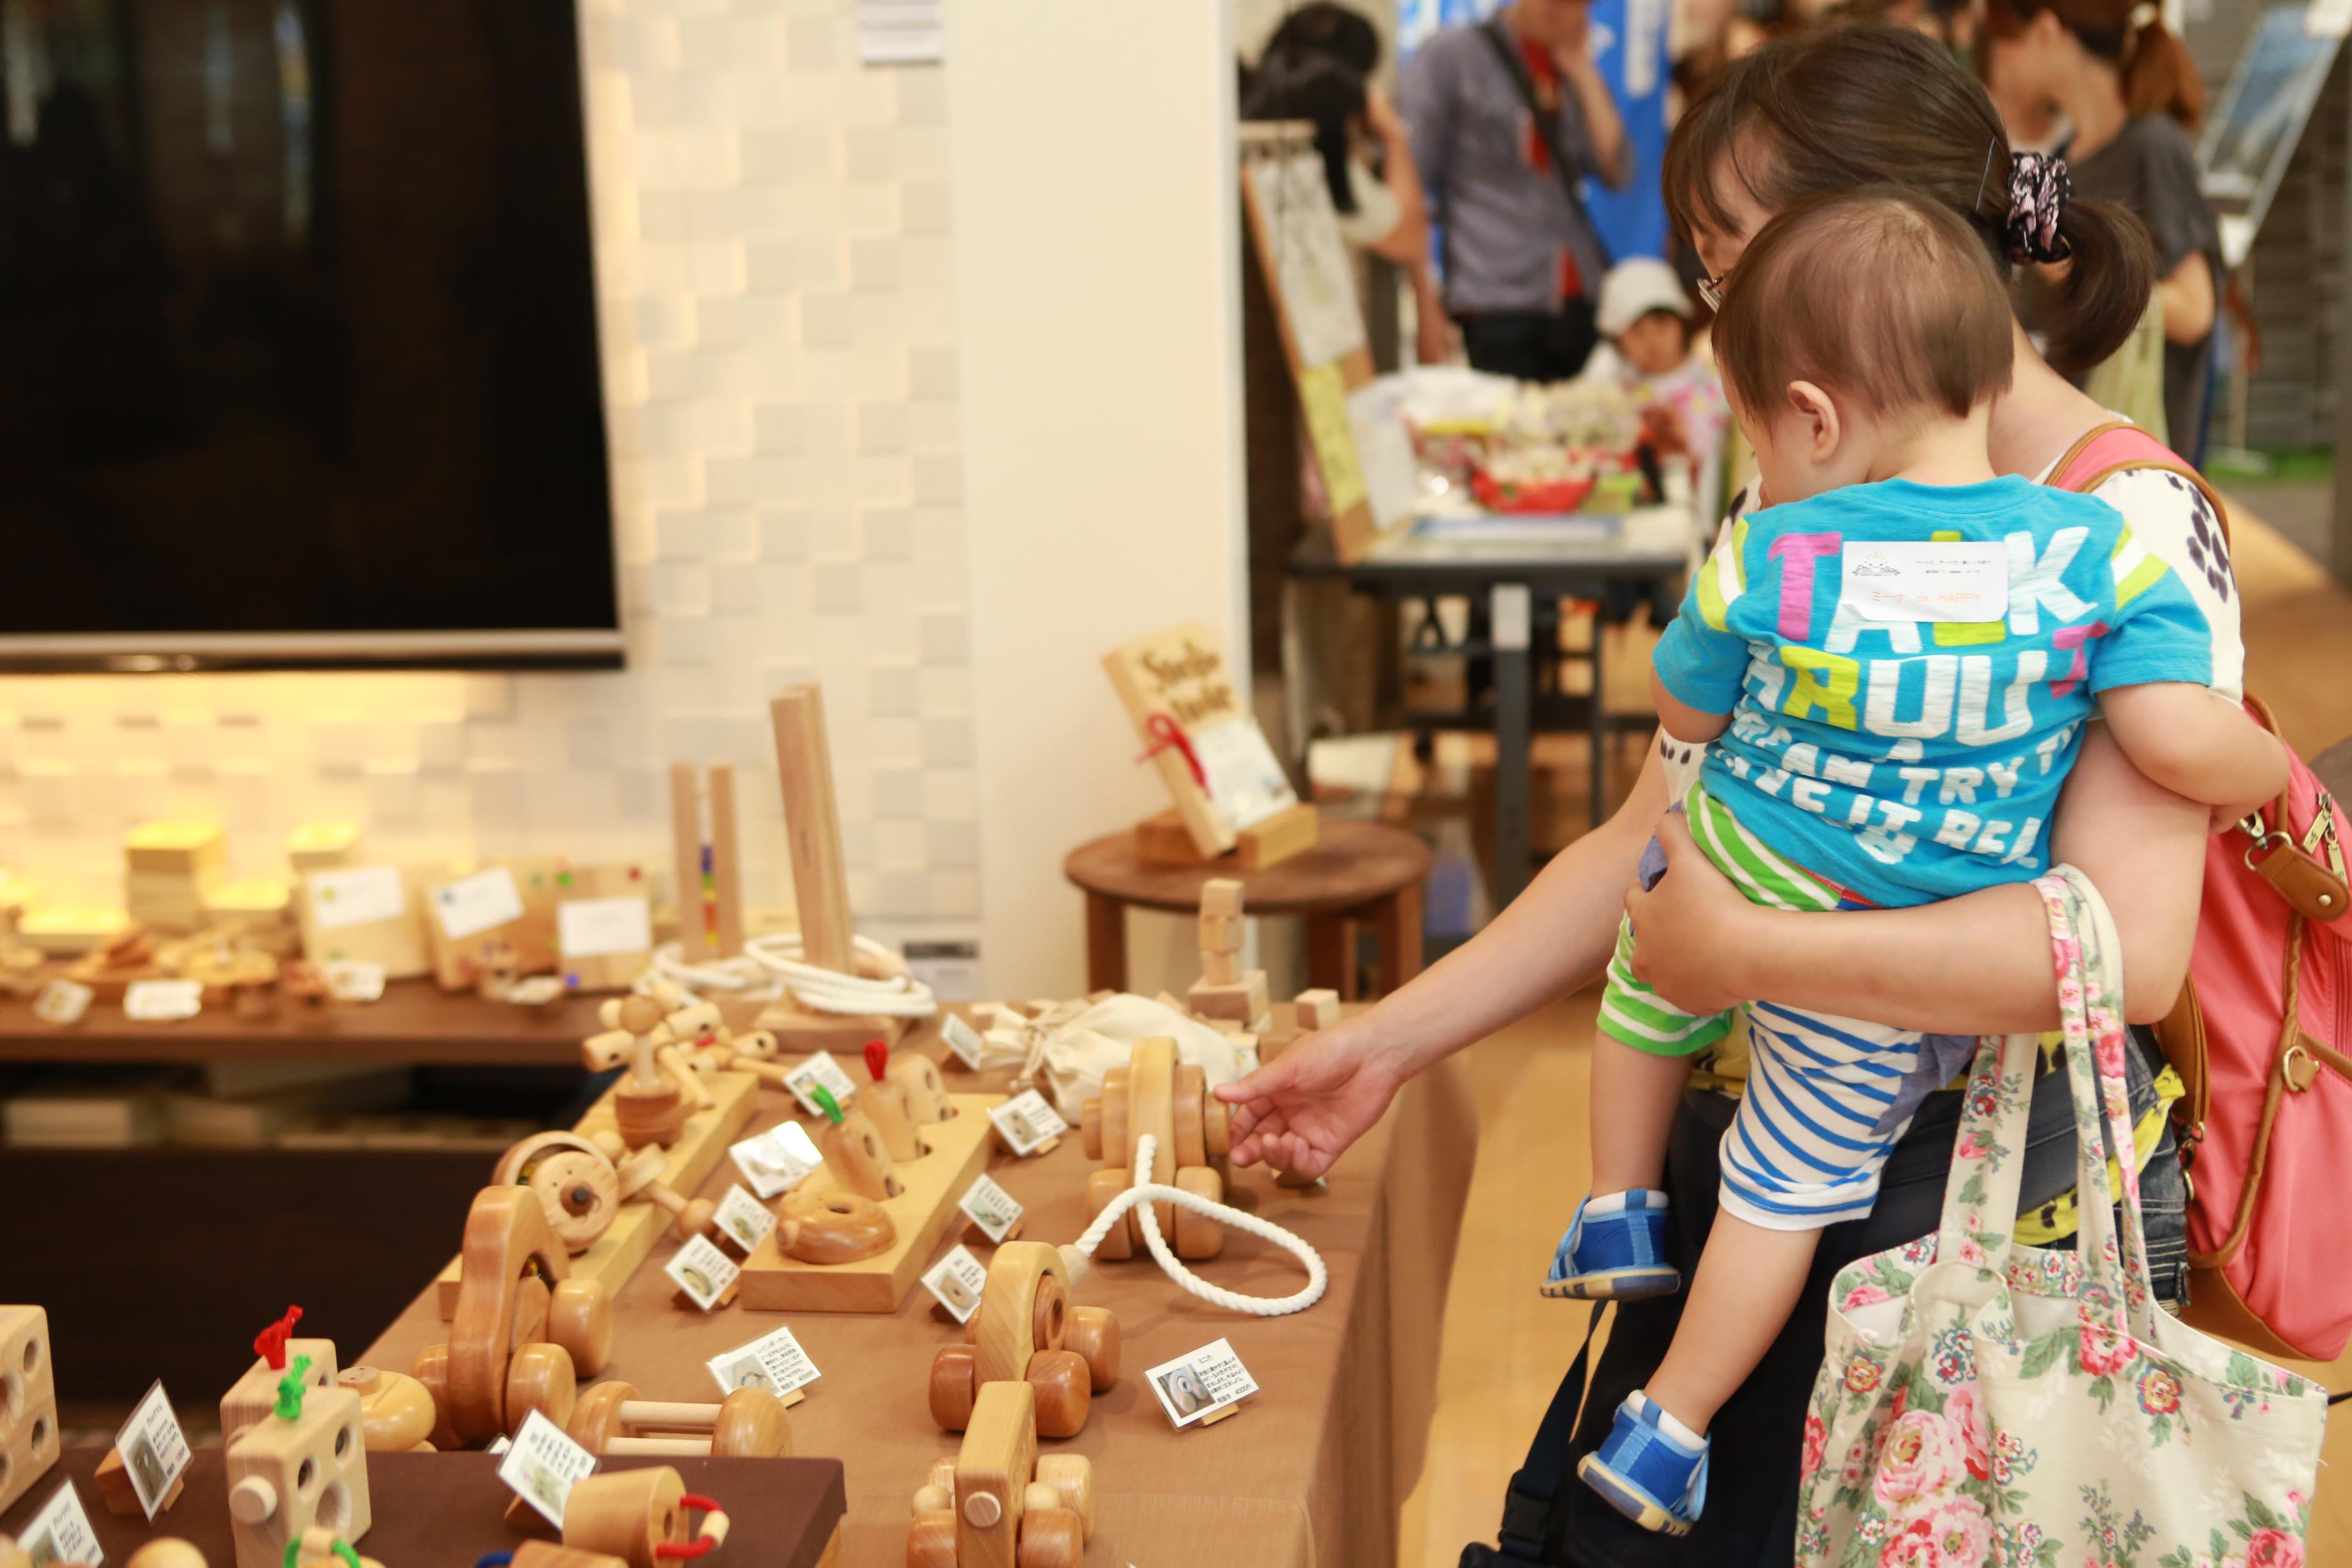 2016木育・おもちゃの広場出展43店舗一覧